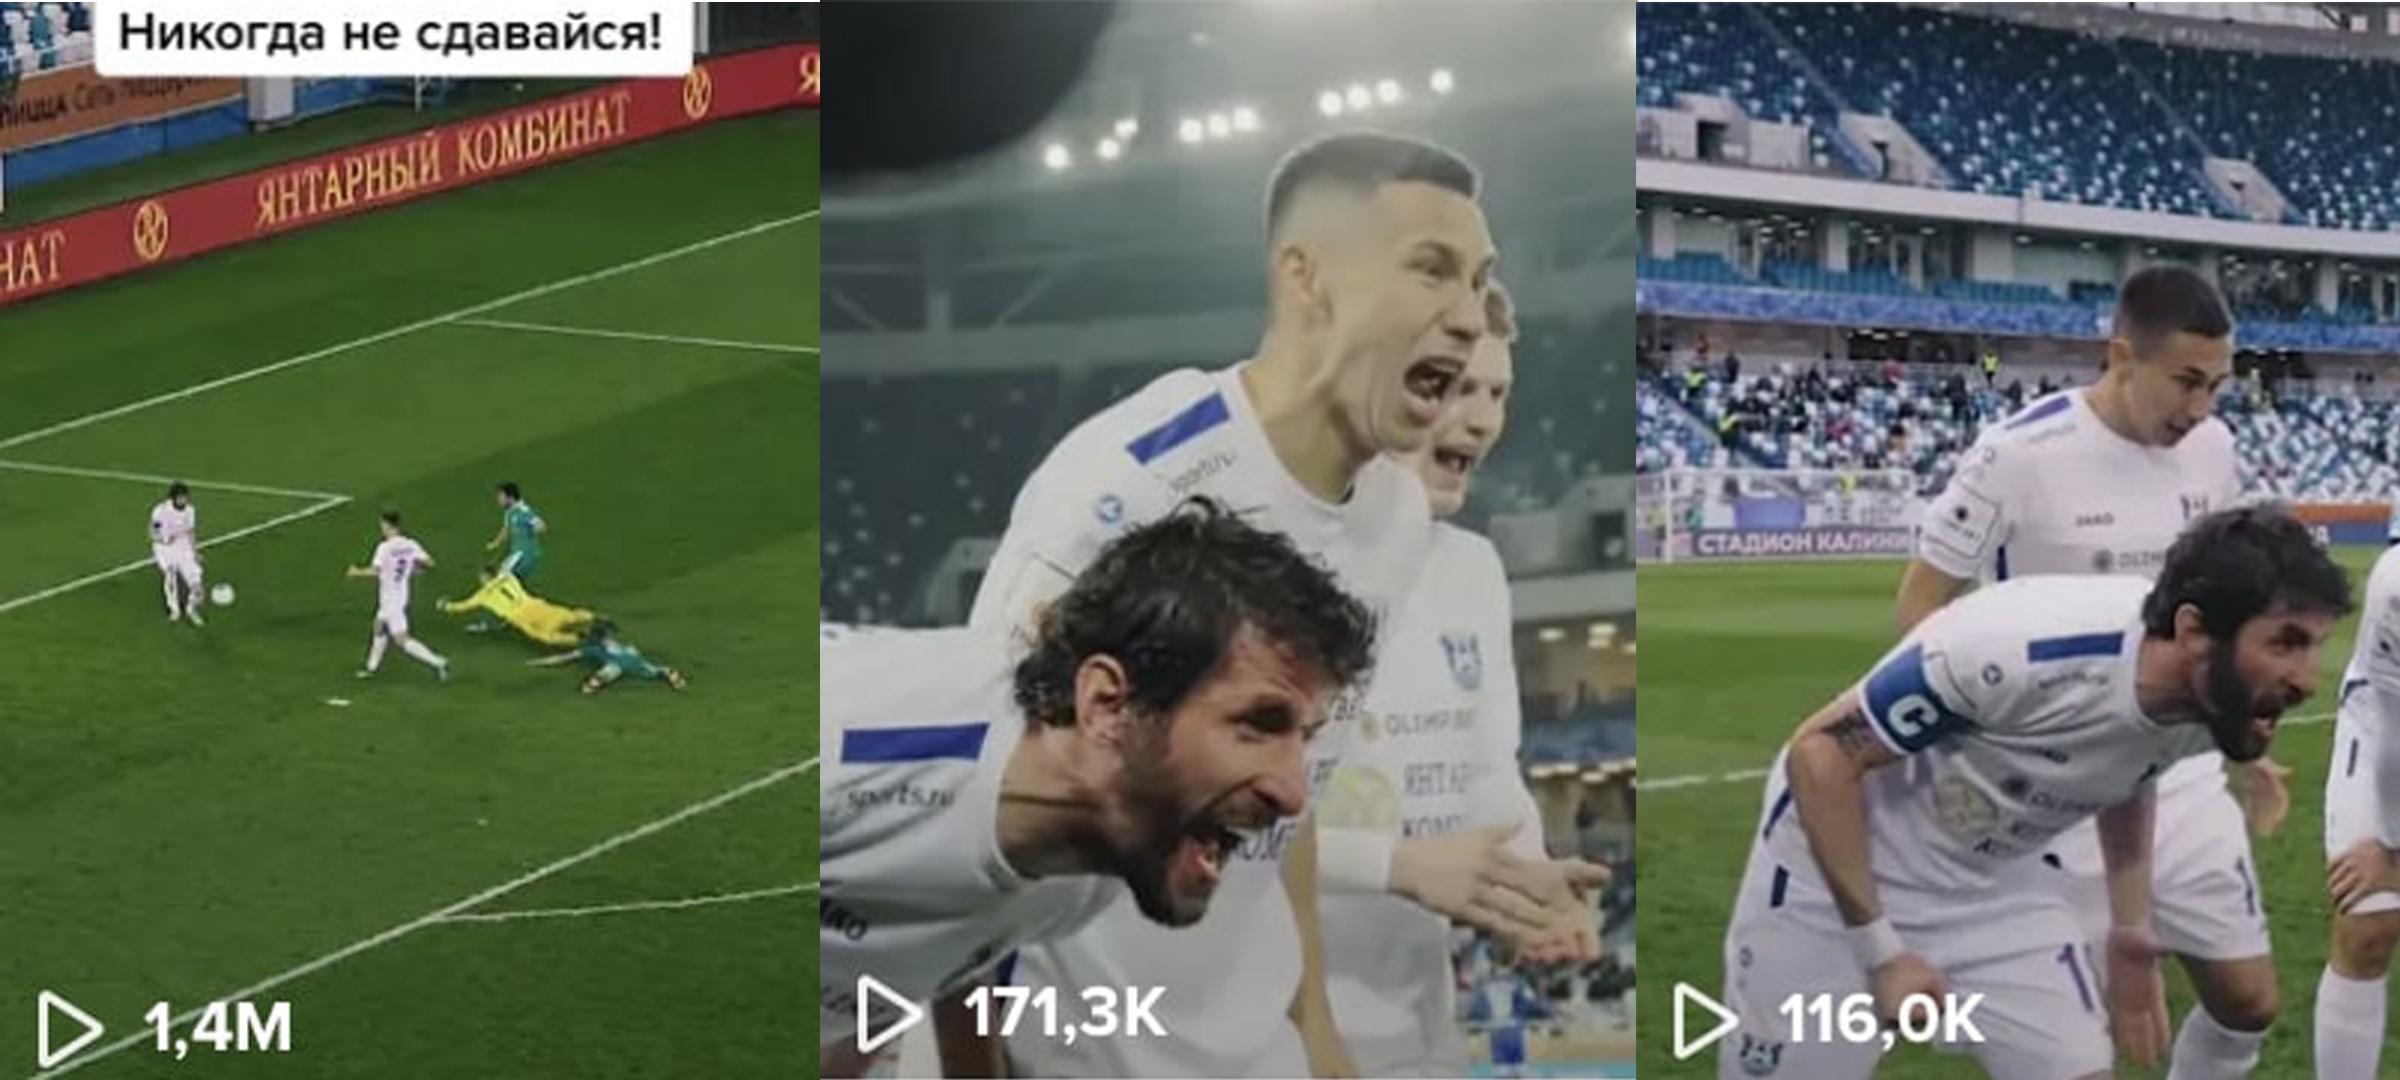 TikTok «Балтики» разрывают видео с капитаном команды. На последнем видео уже полтора миллиона просмотров